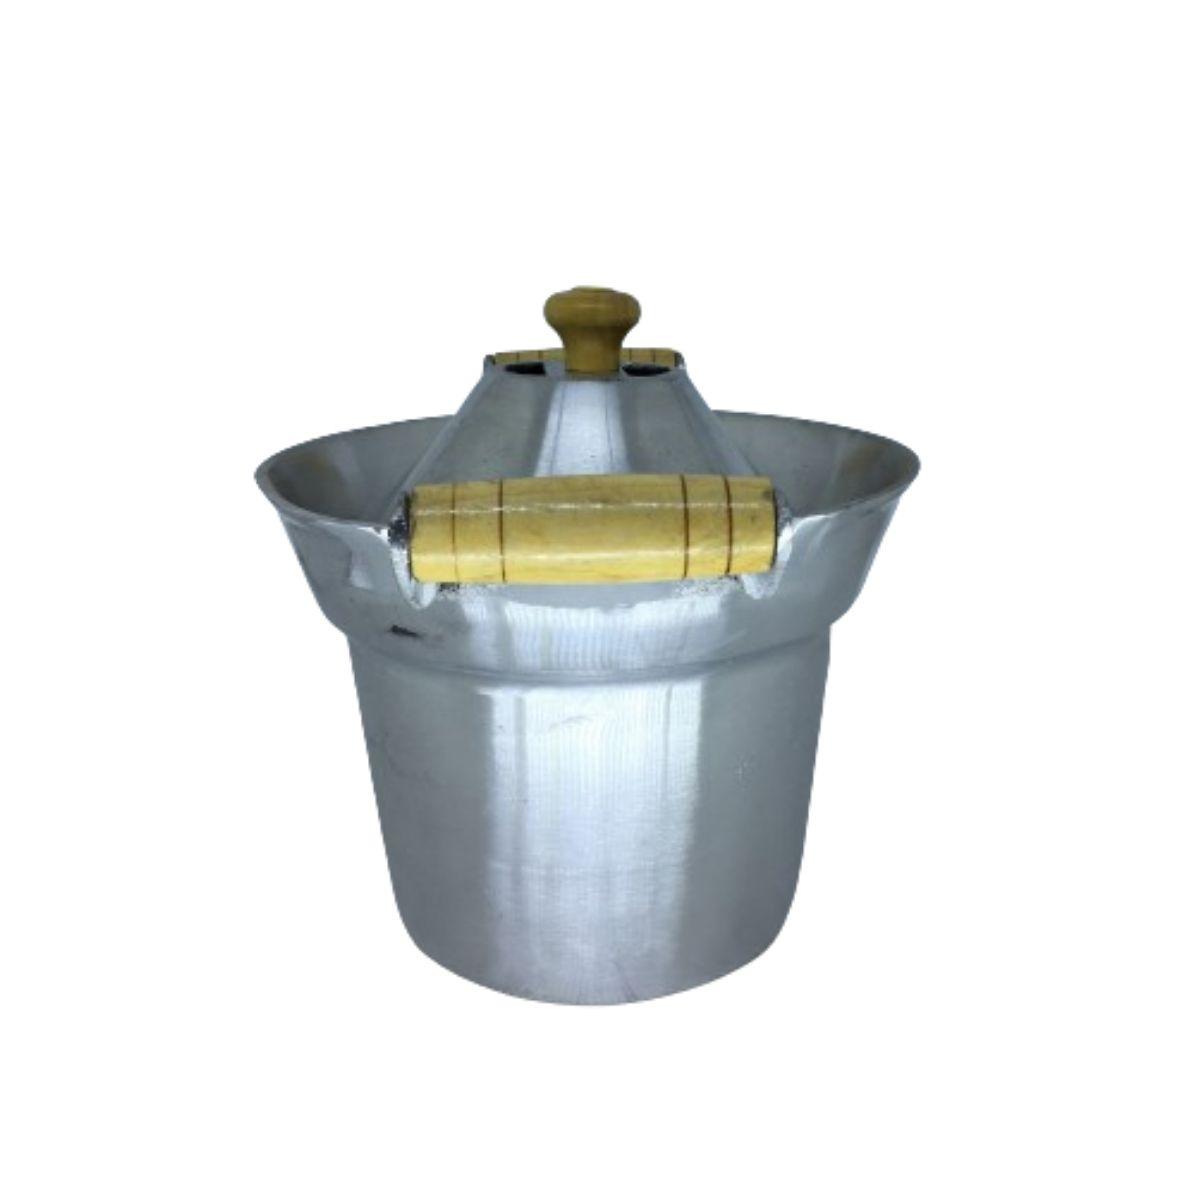 Fervedor Leiteira Inderramavel Alumínio Polido 2 Litros